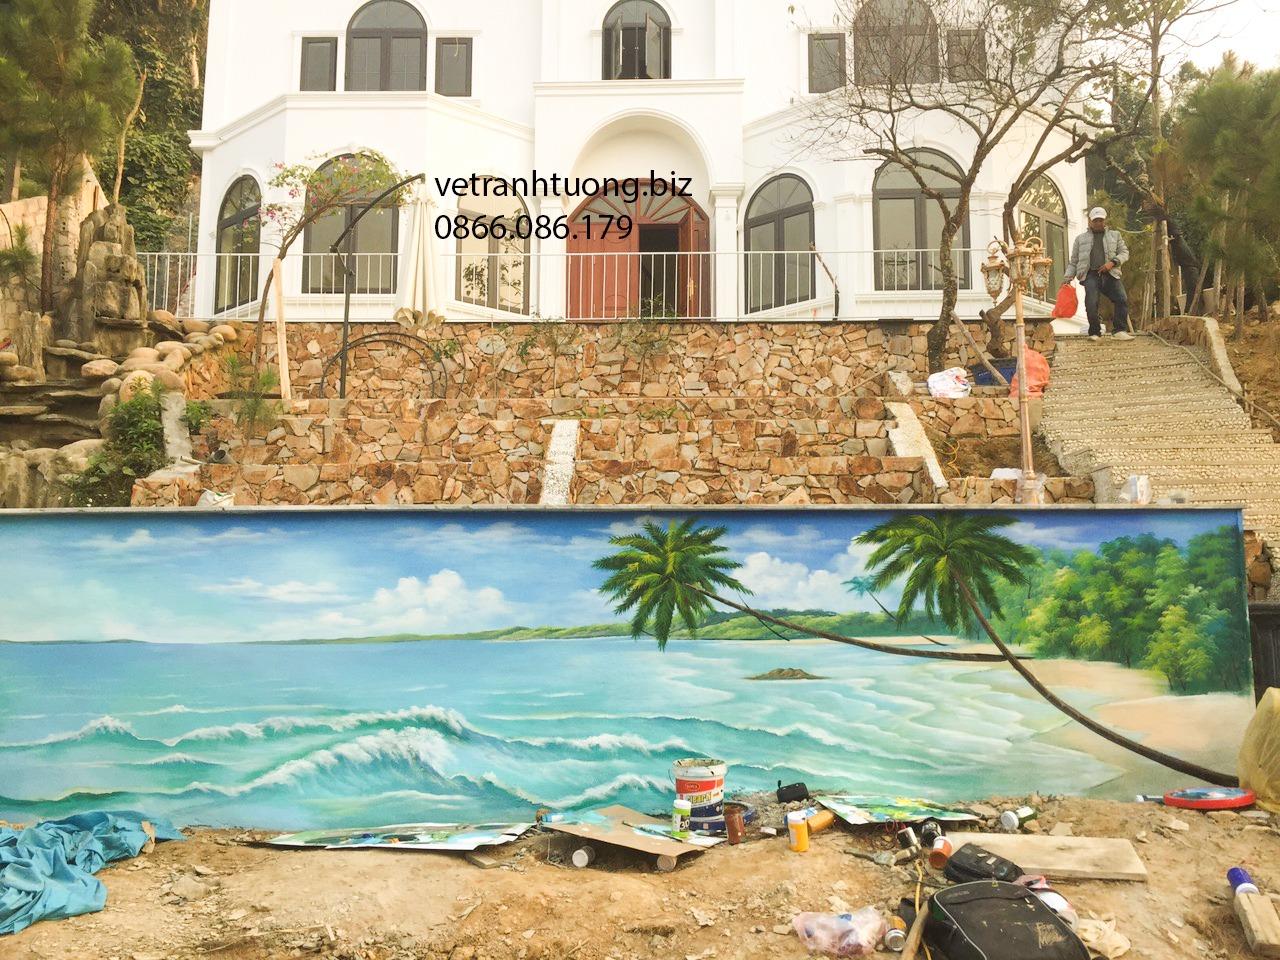 vẽ tranh tường phong cảnh biển tại thái bình